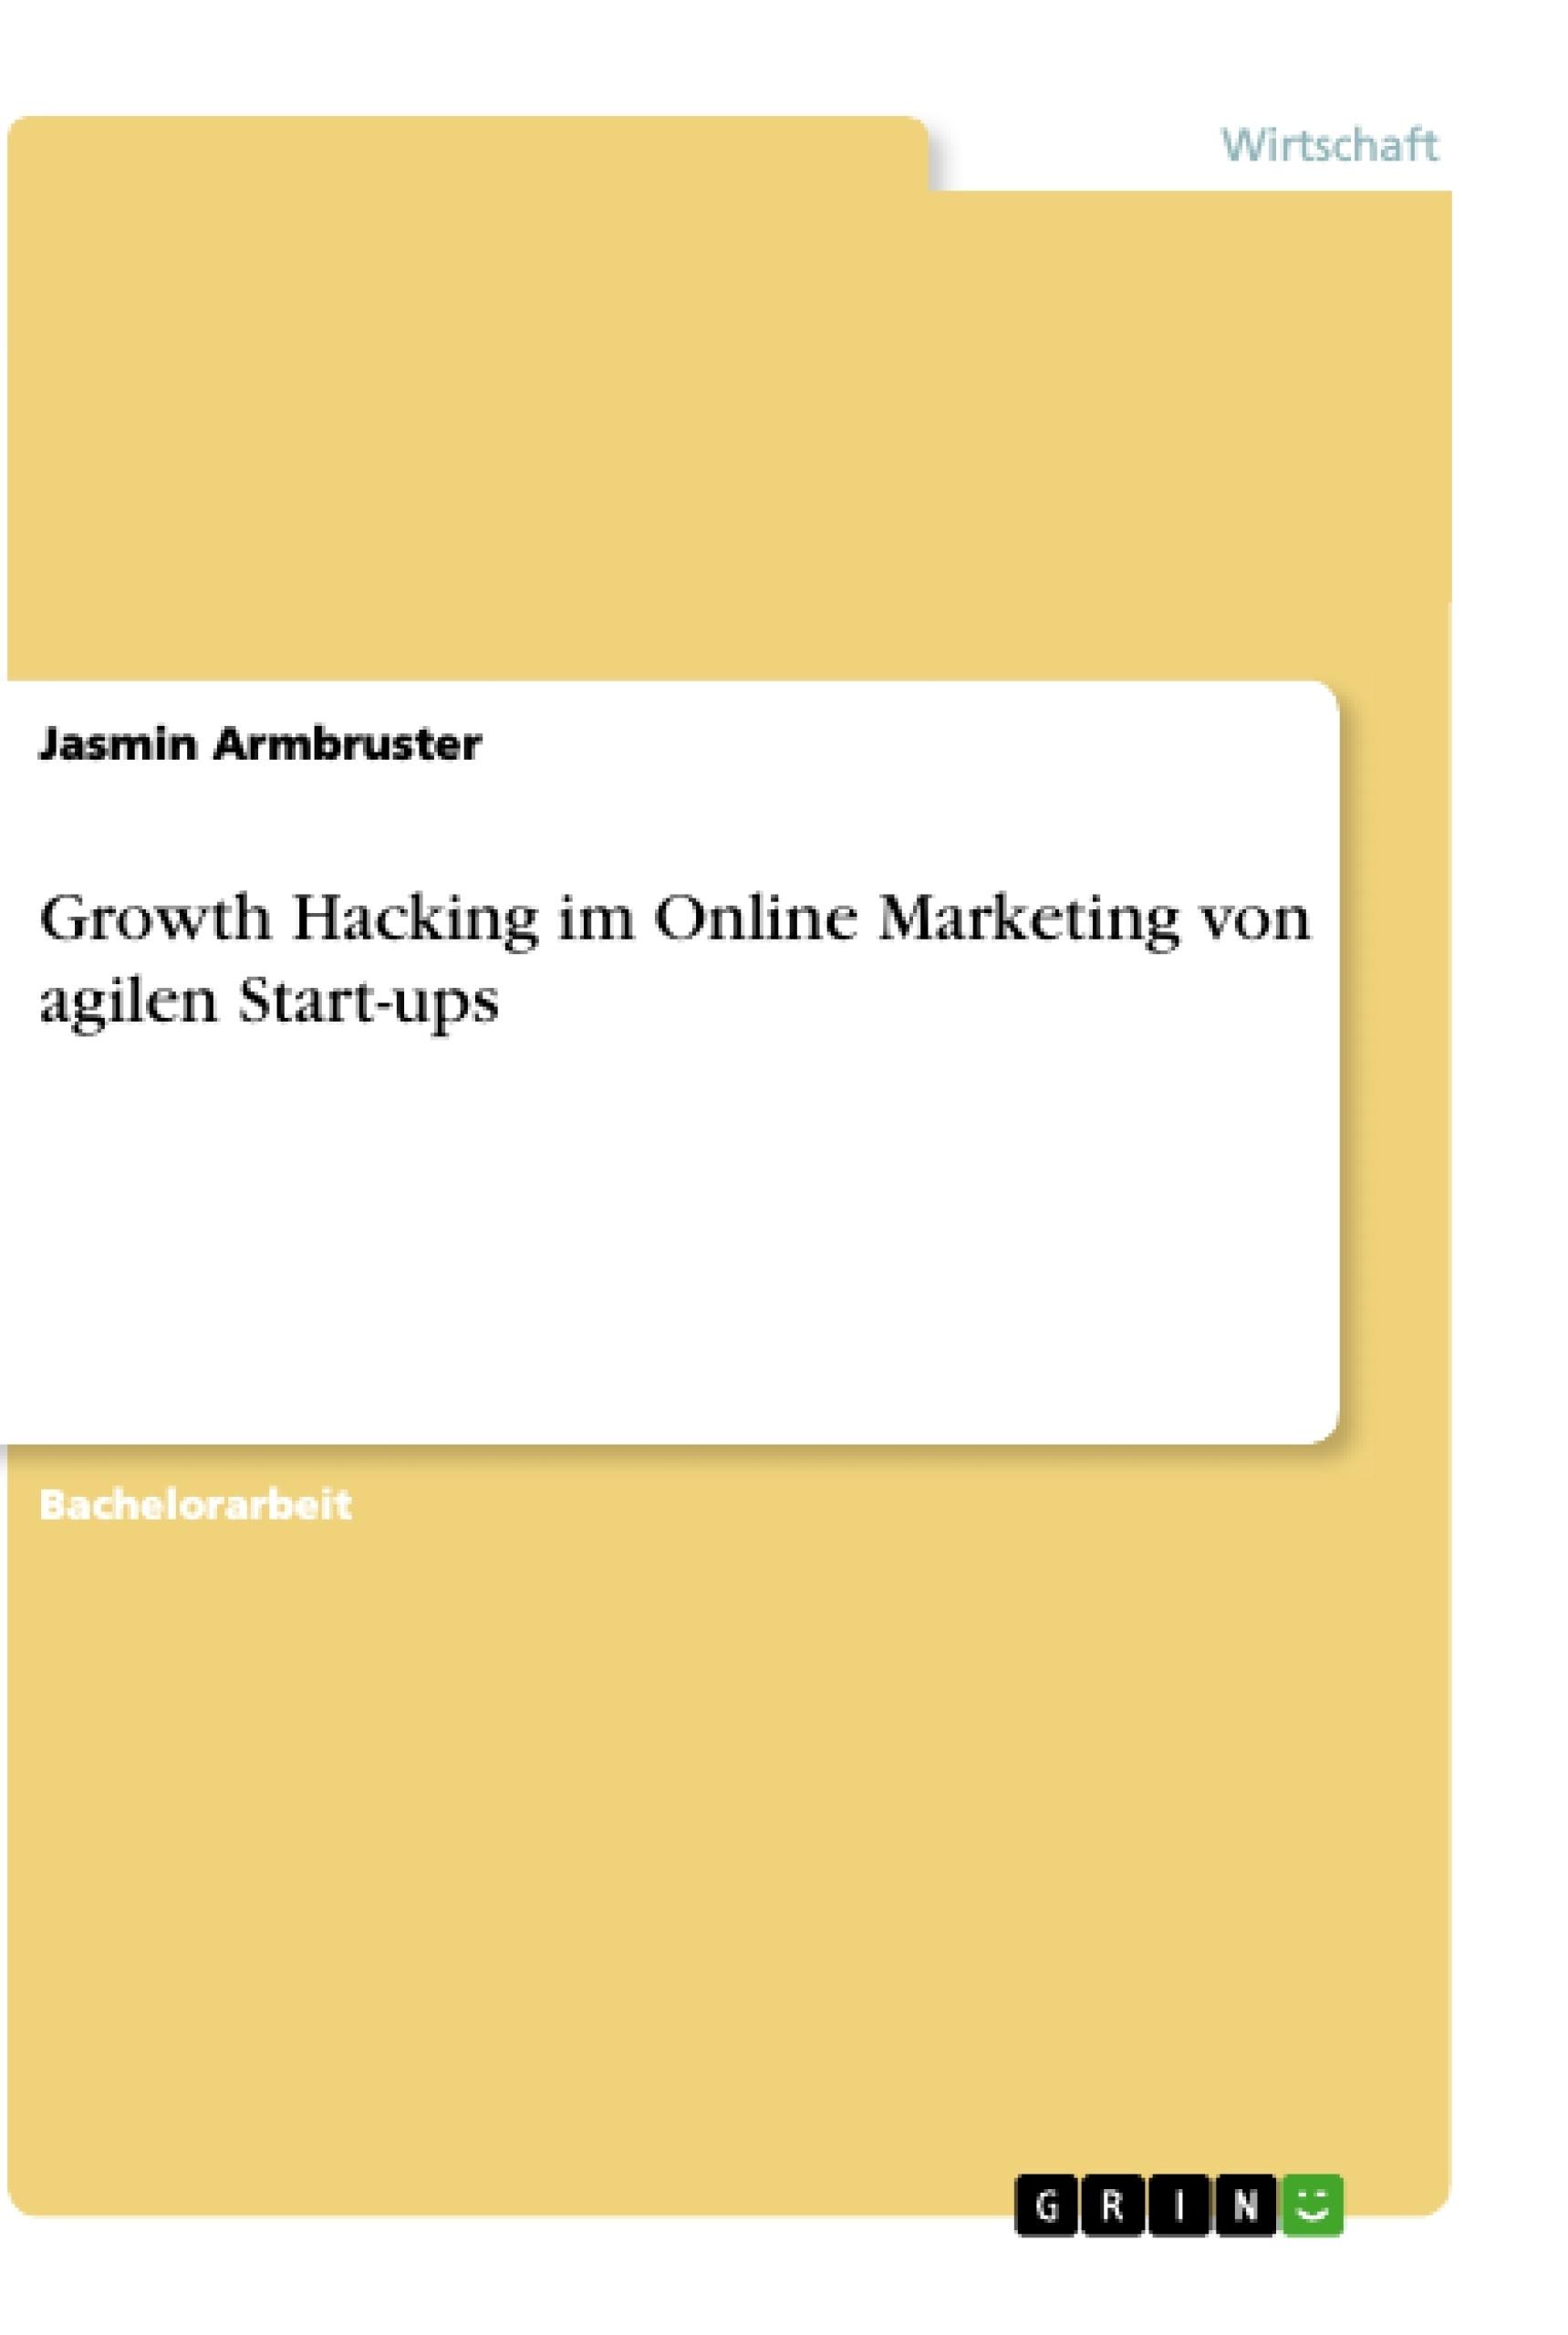 Titel: Growth Hacking im Online Marketing von agilen Start-ups